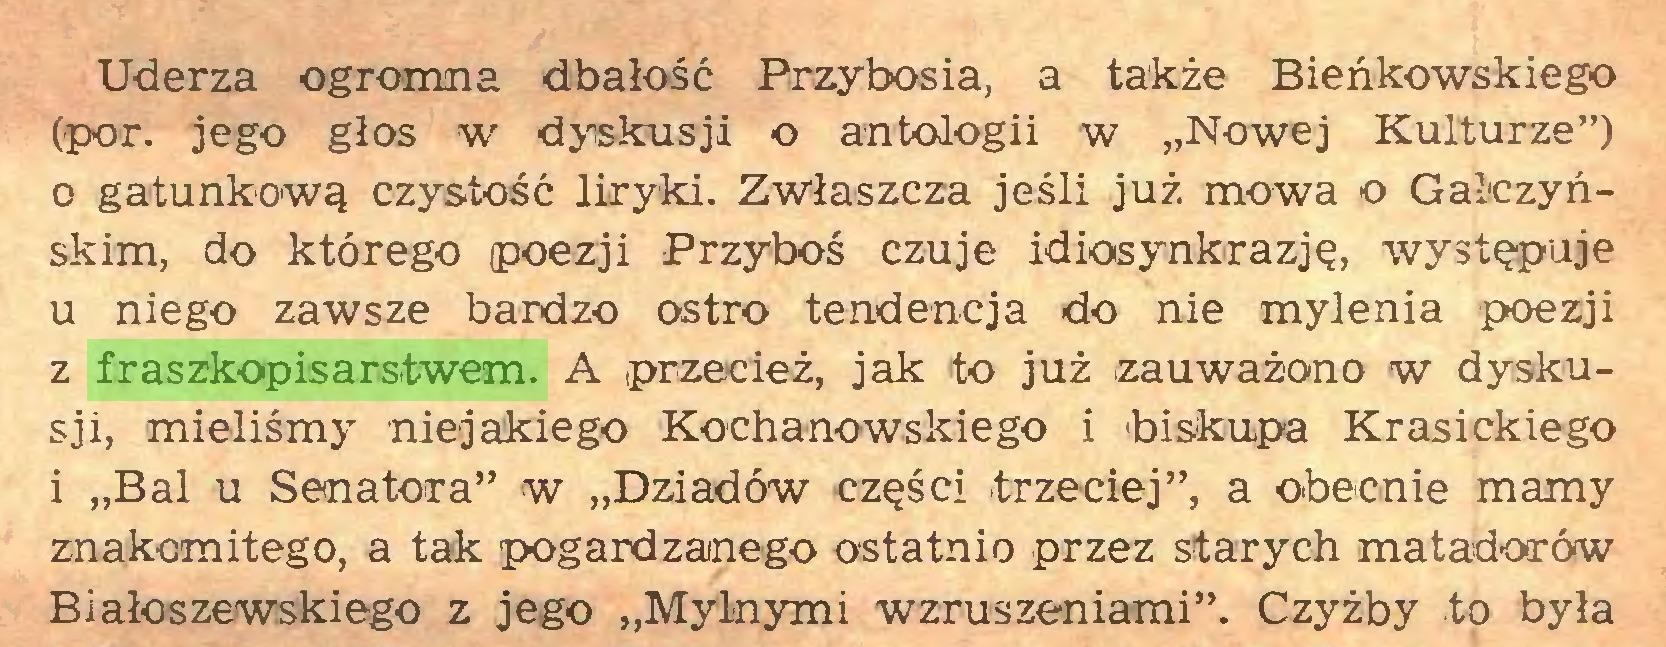 """(...) Uderza ogromna dbałość Przybosia, a także Bieńkowskiego (por. jego głos w dyskusji o antologii w """"Nowej Kulturze"""") 0 gatunkową czystość liryki. Zwłaszcza jeśli już mowa o Gałczyńskim, do którego poezji Przyboś czuje idiosynkrazję, występuje u niego zawsze bardzo ostro tendencja do nie mylenia poezji z fraszkopisarstwem. A przecież, jak to już zauważono w dyskusji, mieliśmy niejakiego Kochanowskiego i biskupa Krasickiego 1 """"Bal u Senatora"""" w """"Dziadów części trzeciej"""", a obecnie mamy znakomitego, a tak pogardzanego ostatnio przez starych matadorów Białoszewskiego z jego """"Mylnymi wzruszeniami"""". Czyżby to była..."""